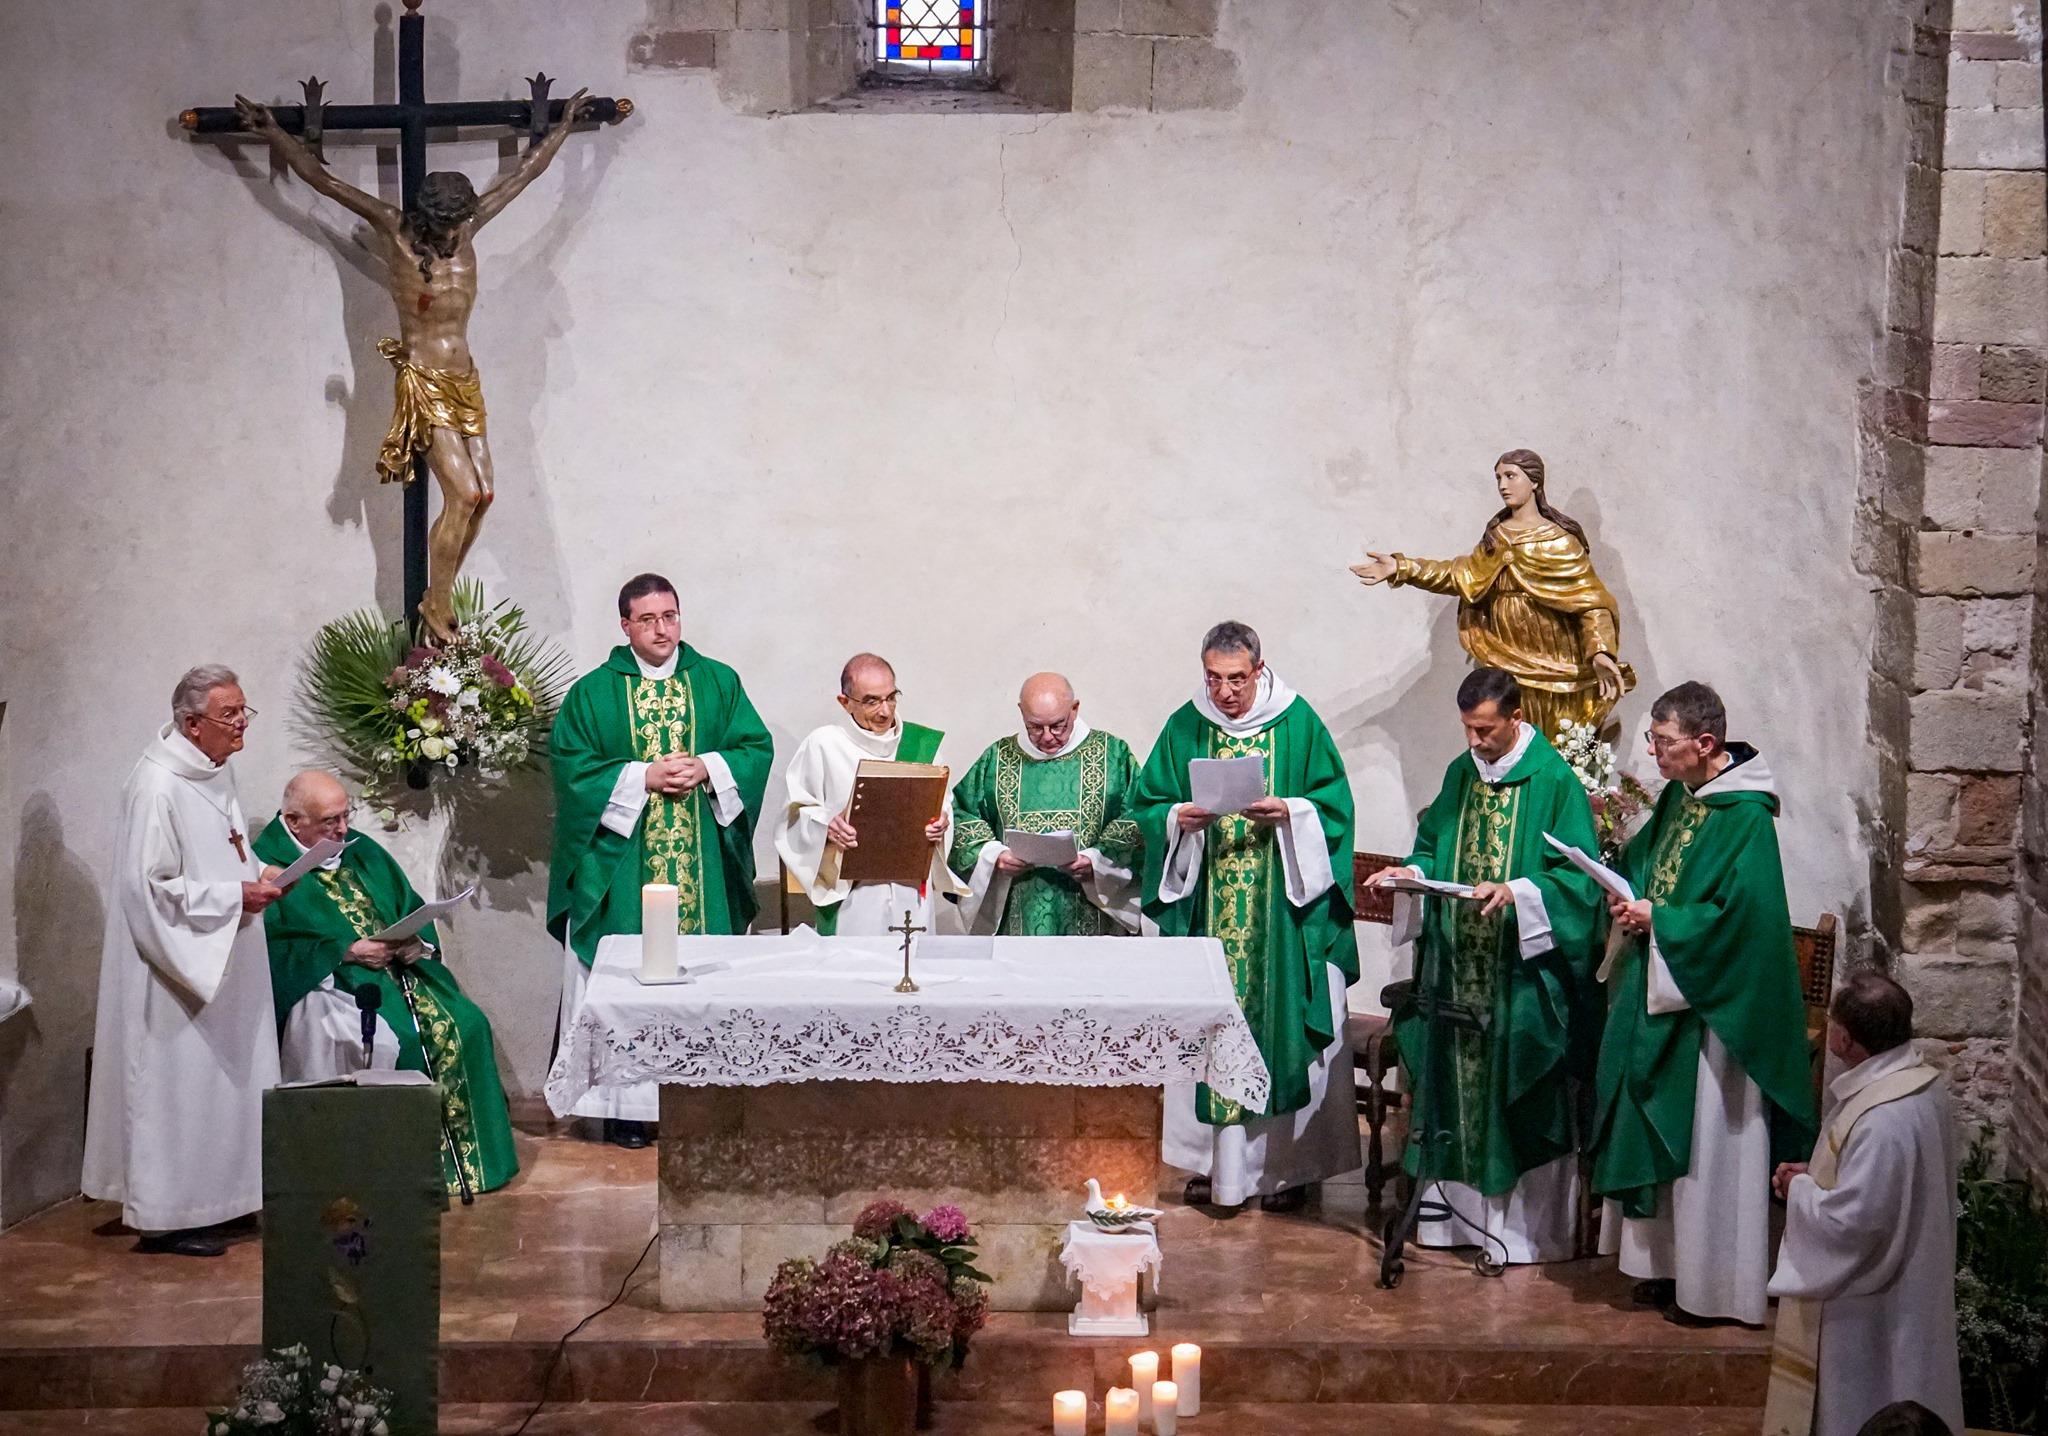 Rentrée pastorale : toutes les dates des installations des nouveaux curés